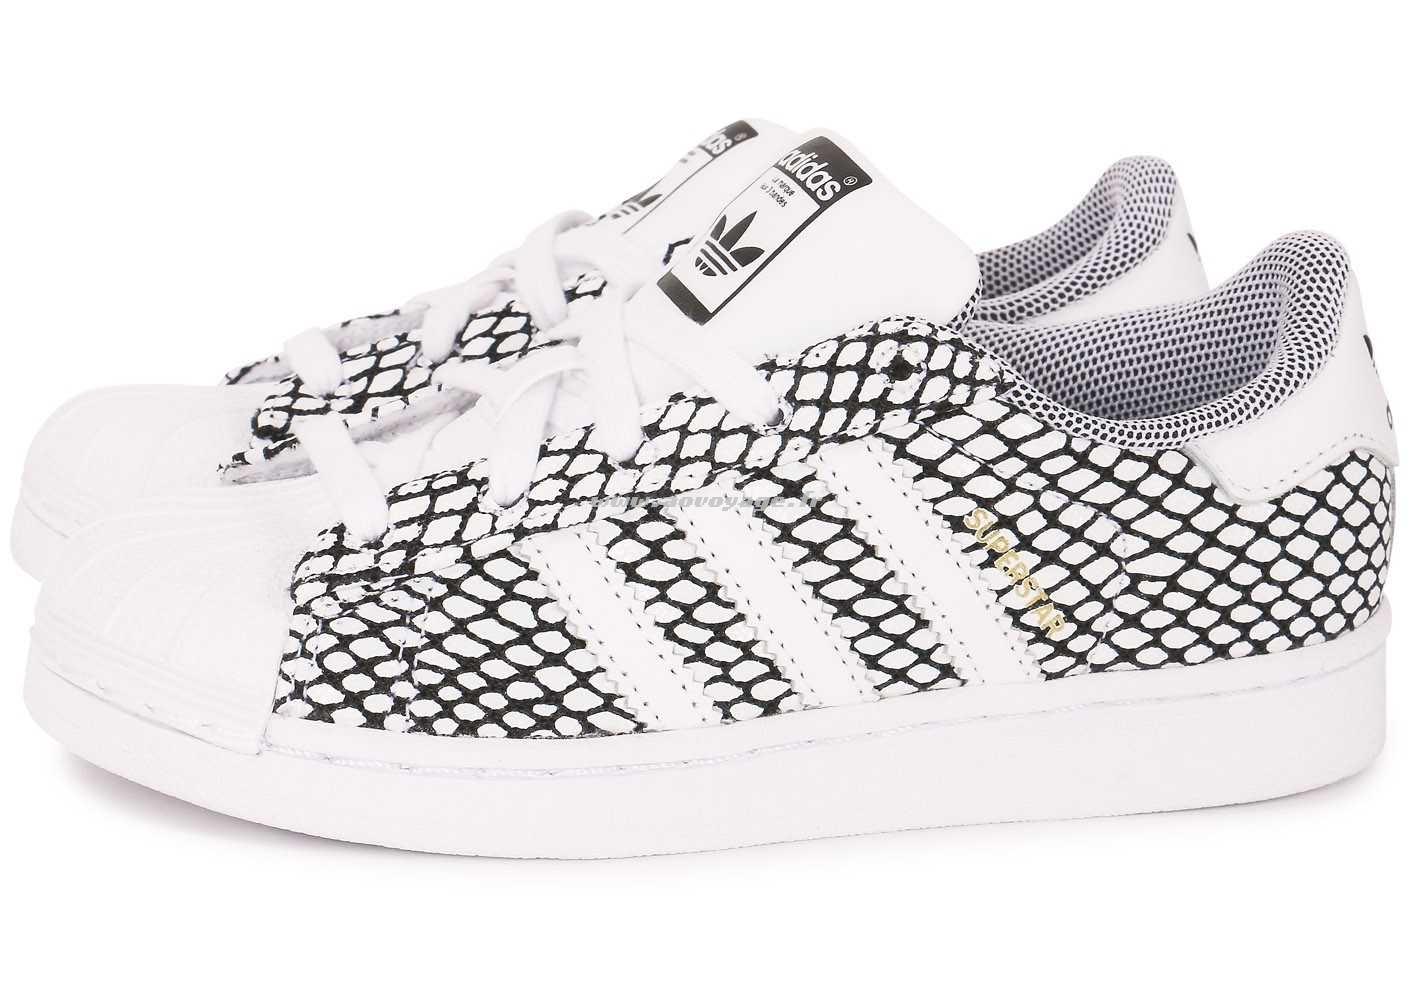 5f5a05abdd7 adidas superstar snake pas cher